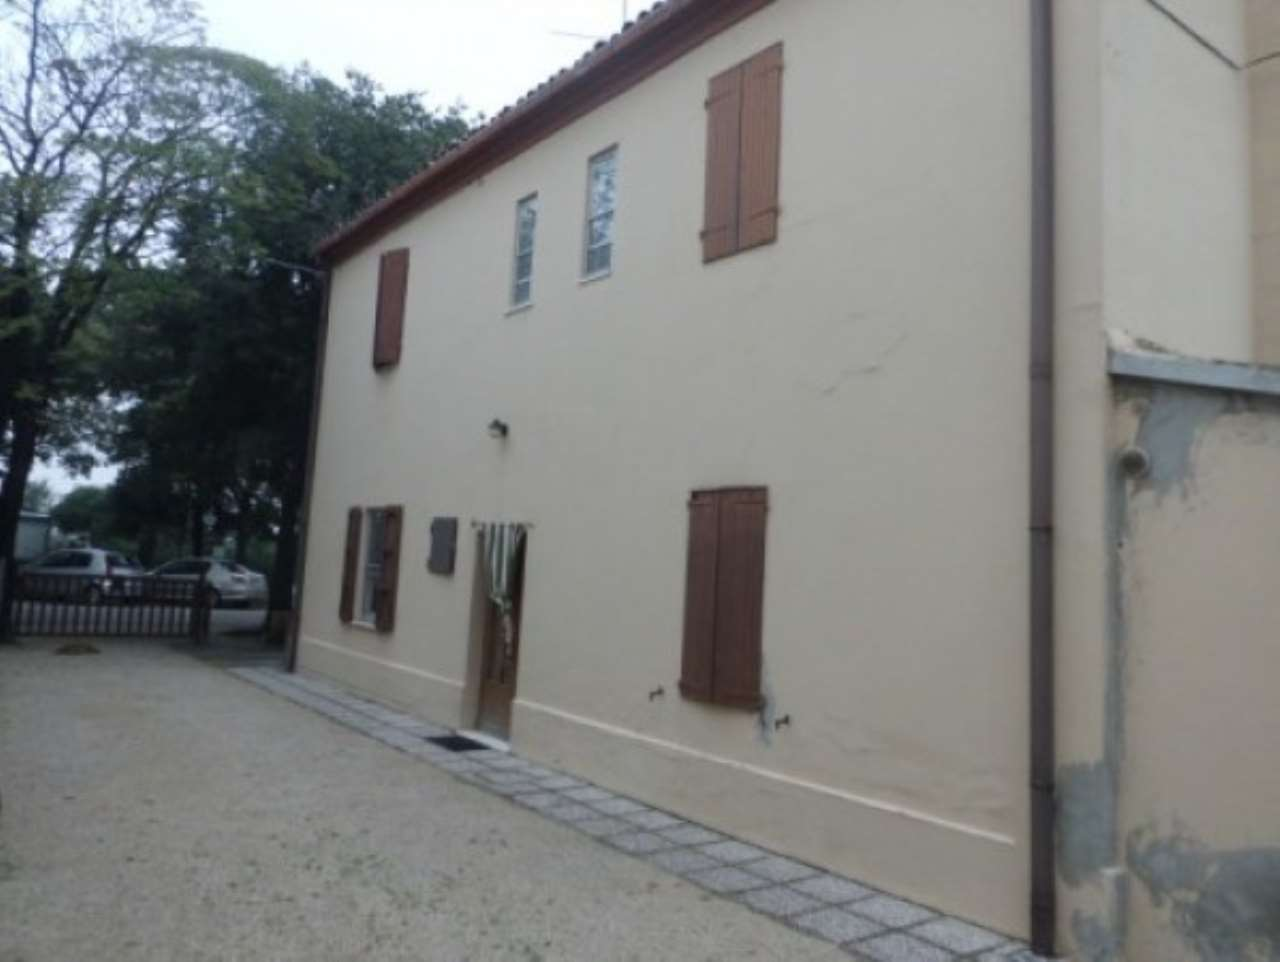 Palazzo / Stabile in vendita a Cervia - Milano Marittima, 6 locali, Trattative riservate | Cambio Casa.it